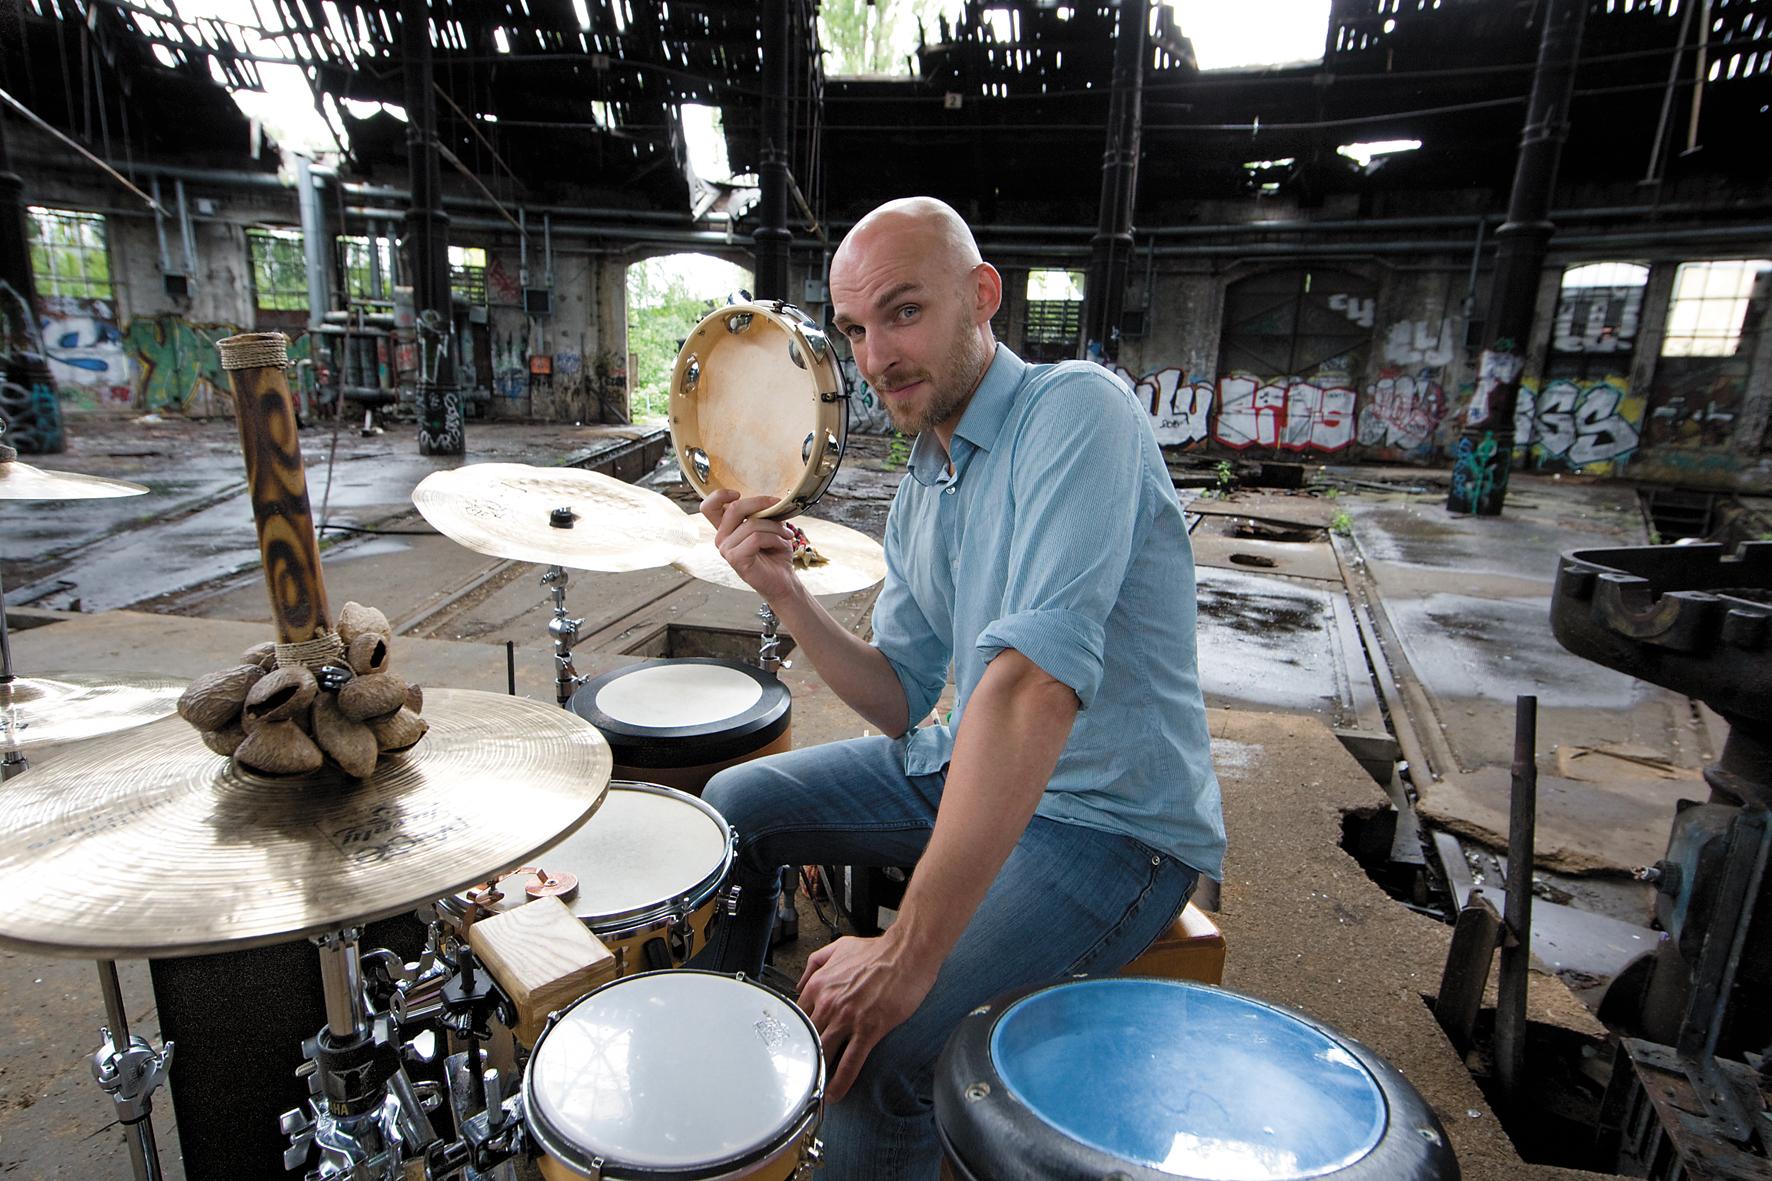 5 Tipps, mit denen du souverän auf jedem fremden Drumset spielen kannst